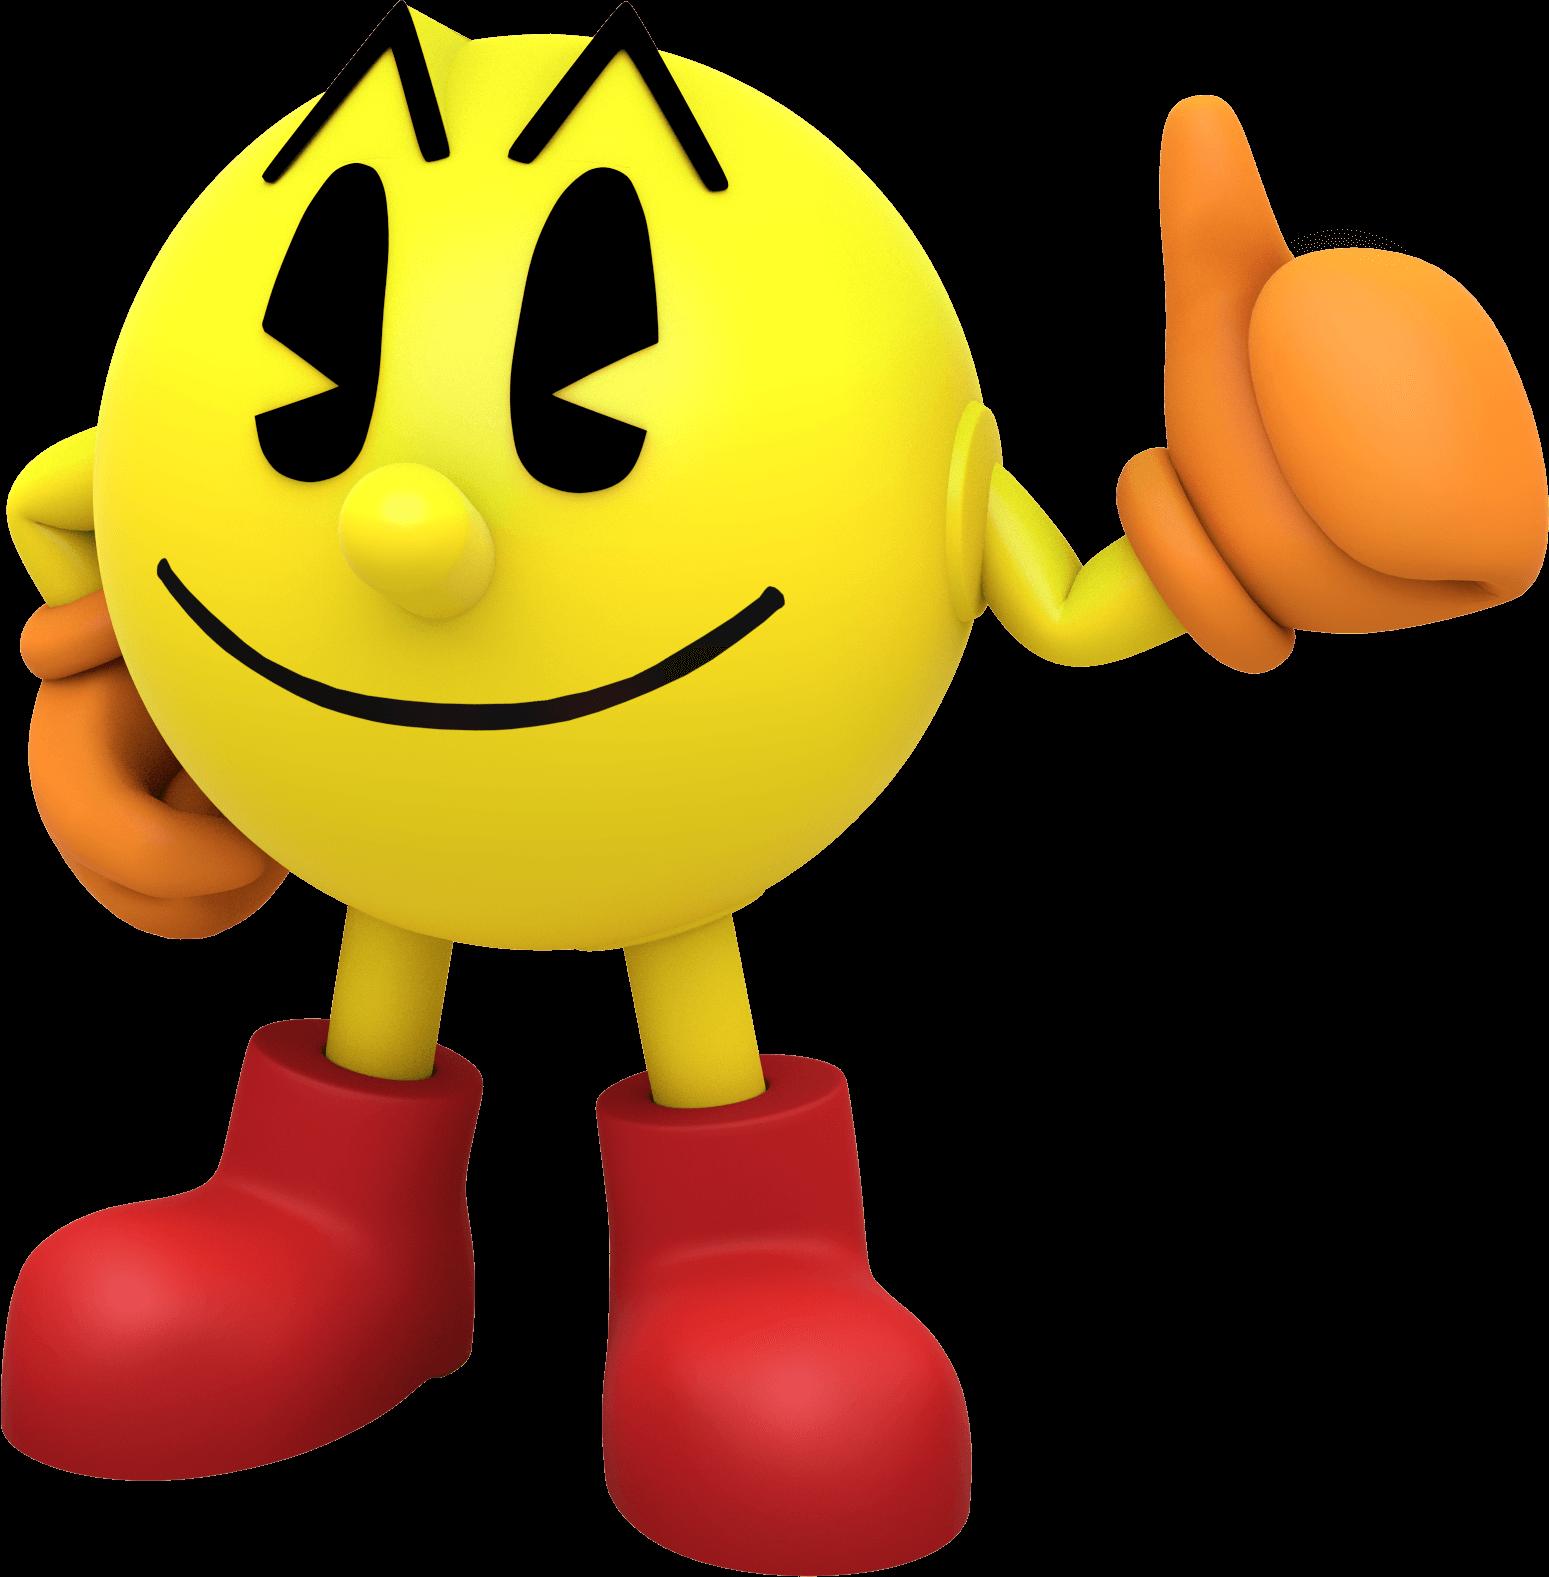 Finger clipart plain. Pacman large standing transparent